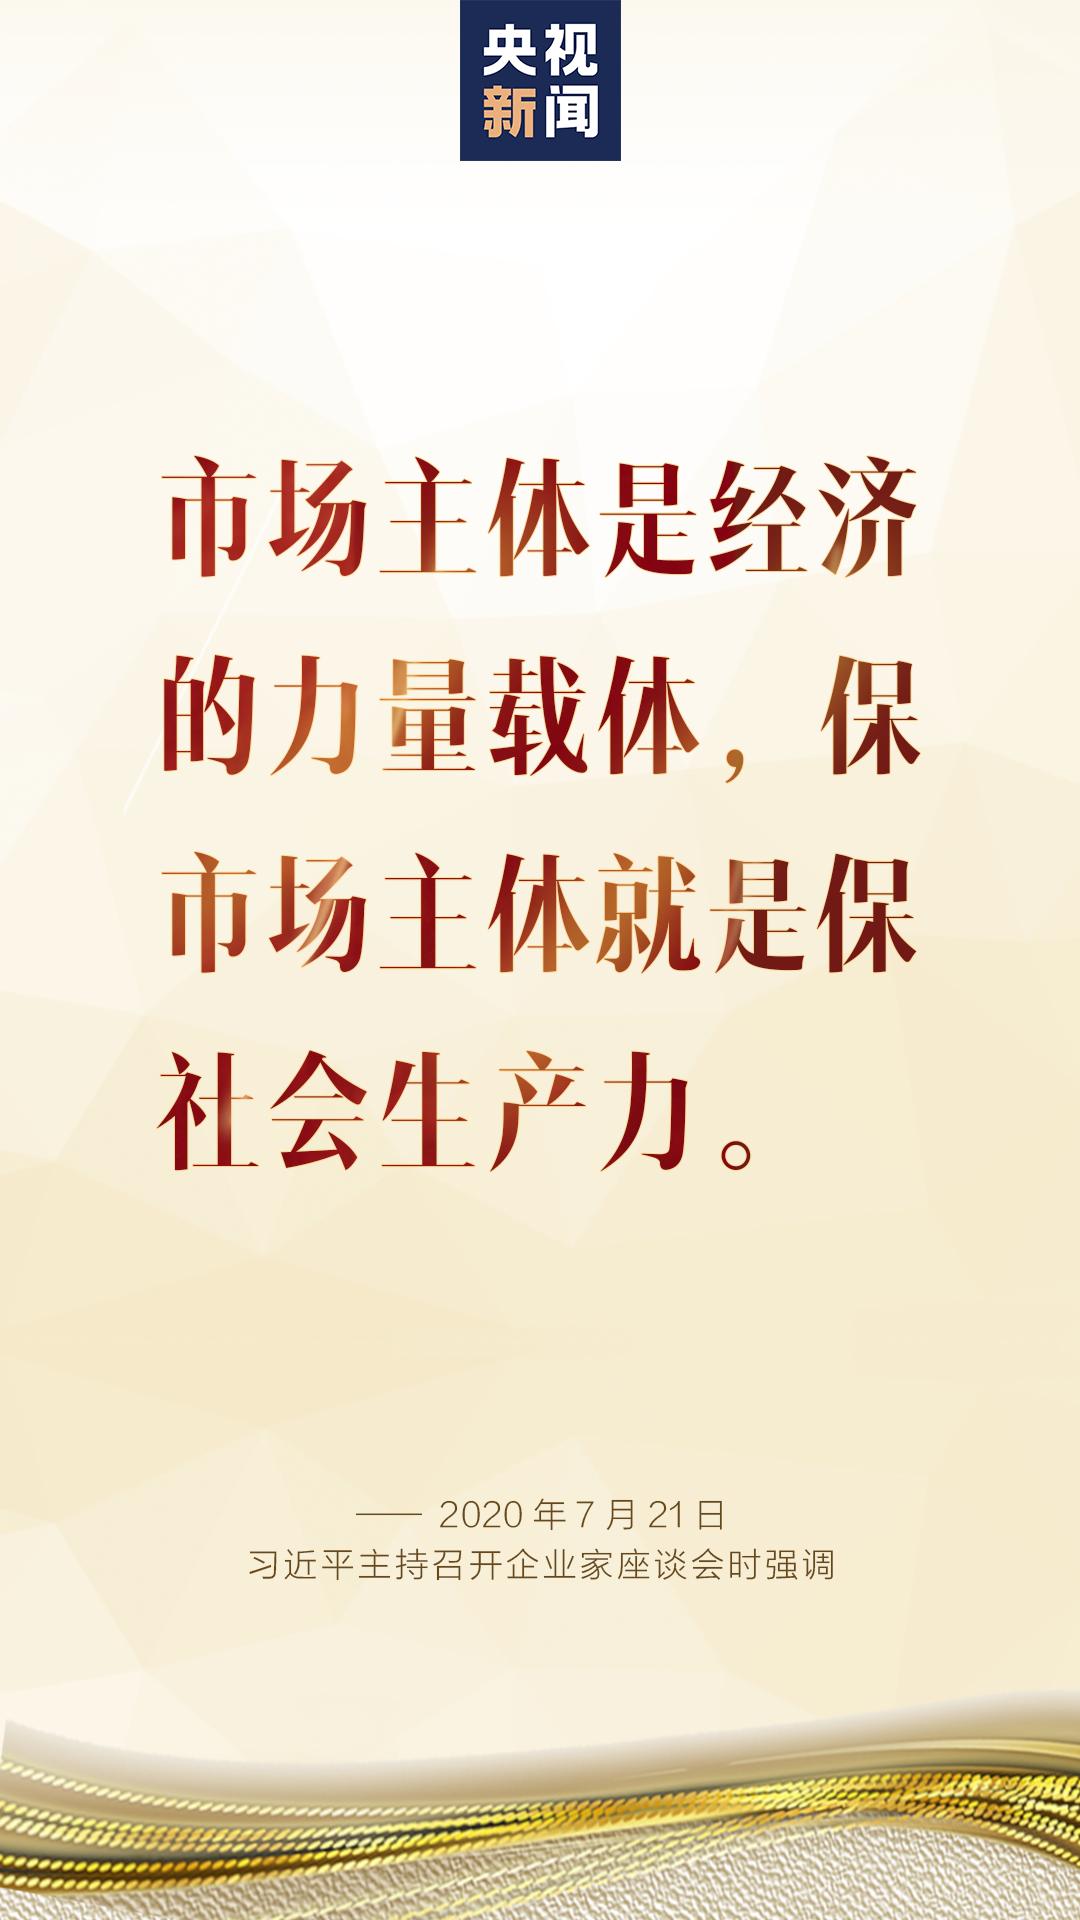 「杏悦」谈会海霞与会代表名单本身就杏悦有图片